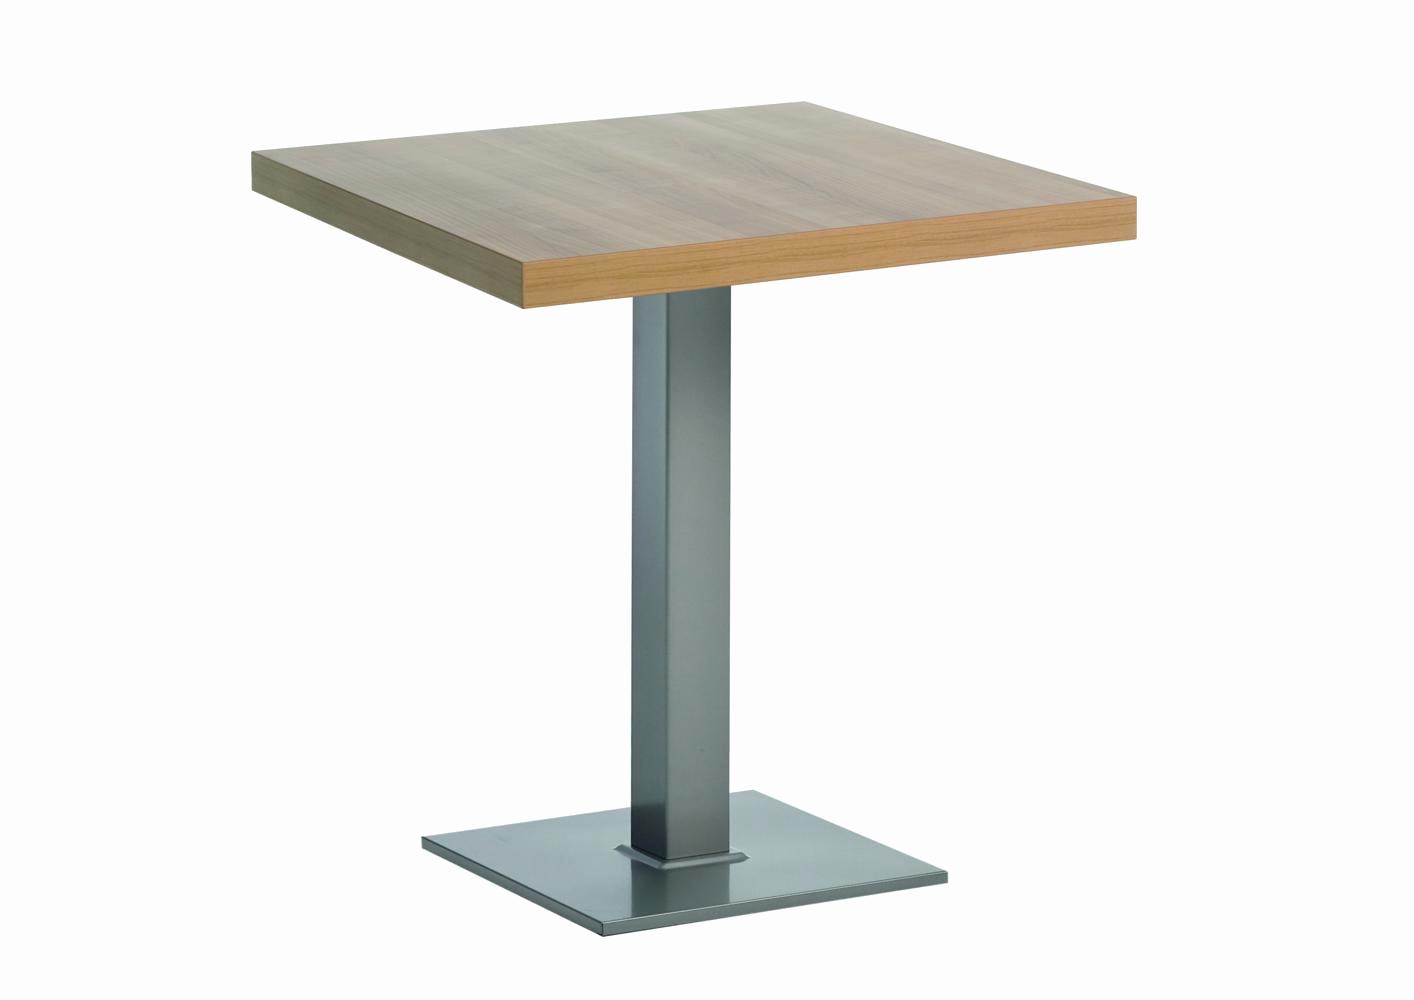 Table Cuisine but Frais Images Table Cuisine Pied Central Nouveau Table Haute but Chaise Ilot